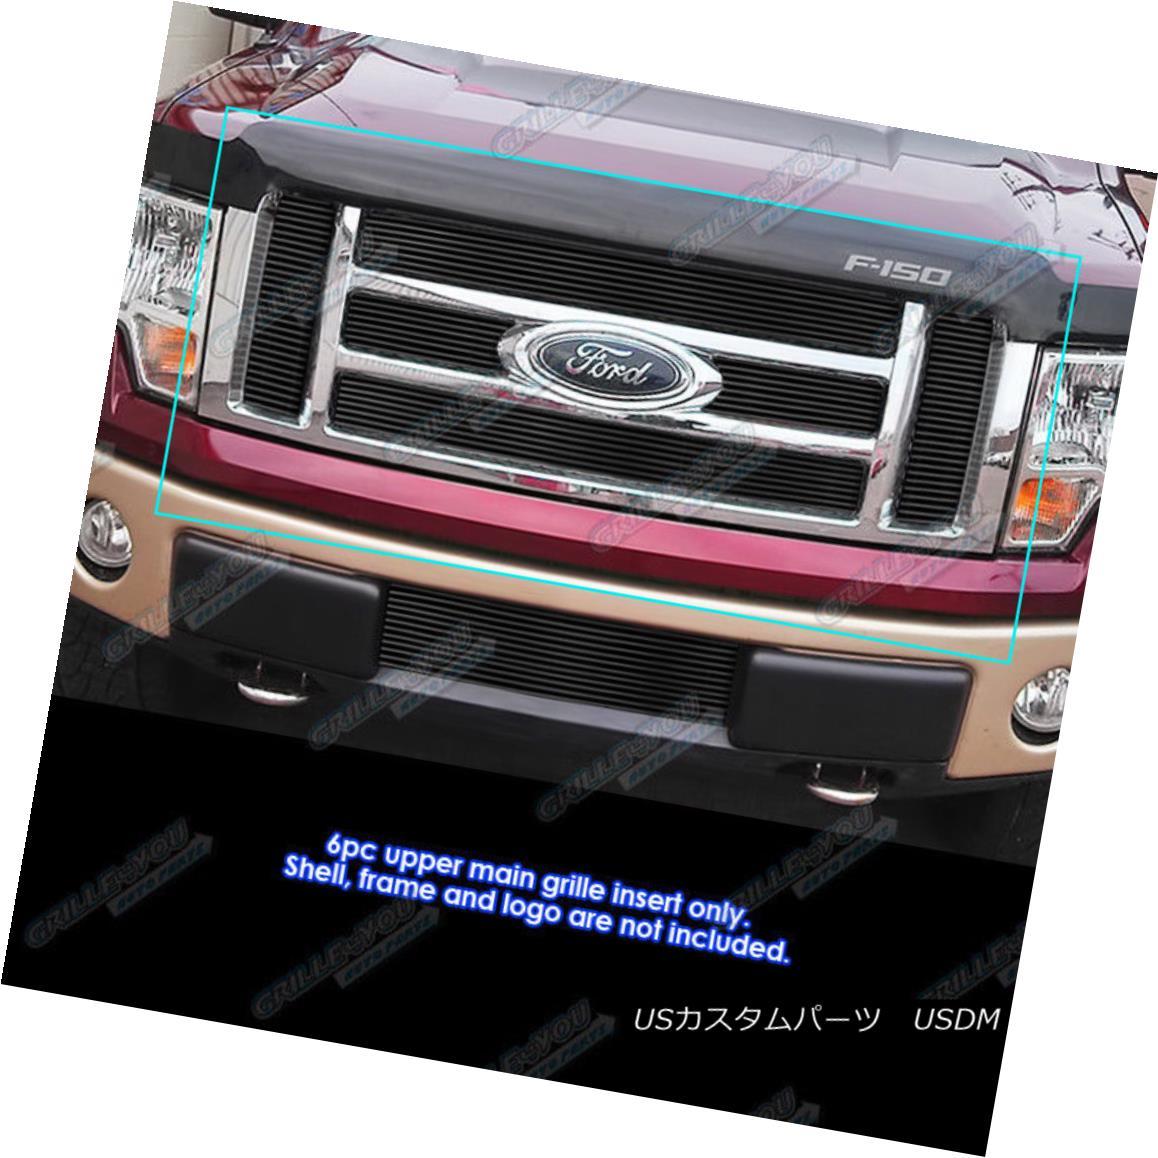 グリル Fits 2009-2012 Ford F-150 Lariat/King Ranch Black Billet Grille Grill Insert フィット2009-2012フォードF-150ラリアット/キングランチブラックビレットグリルグリルインサート